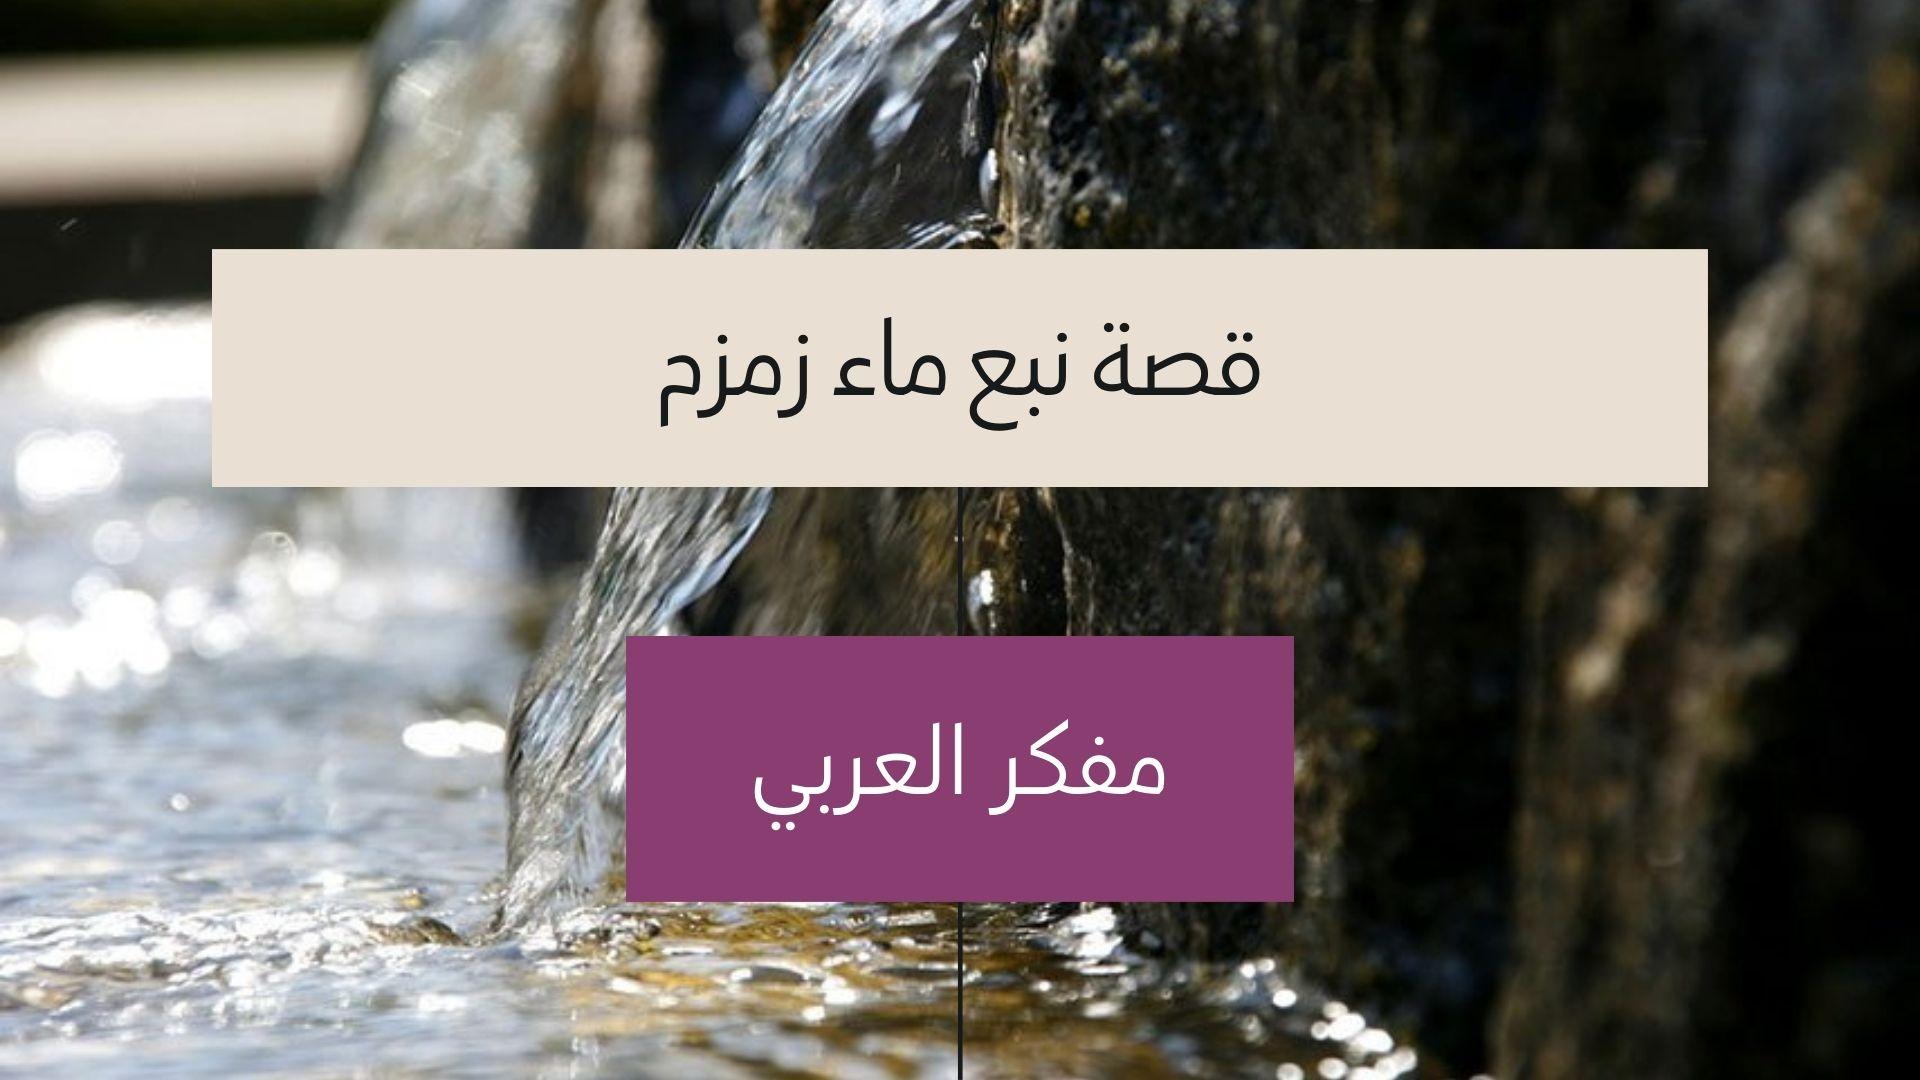 ماهي قصة نبع ماء زمزم